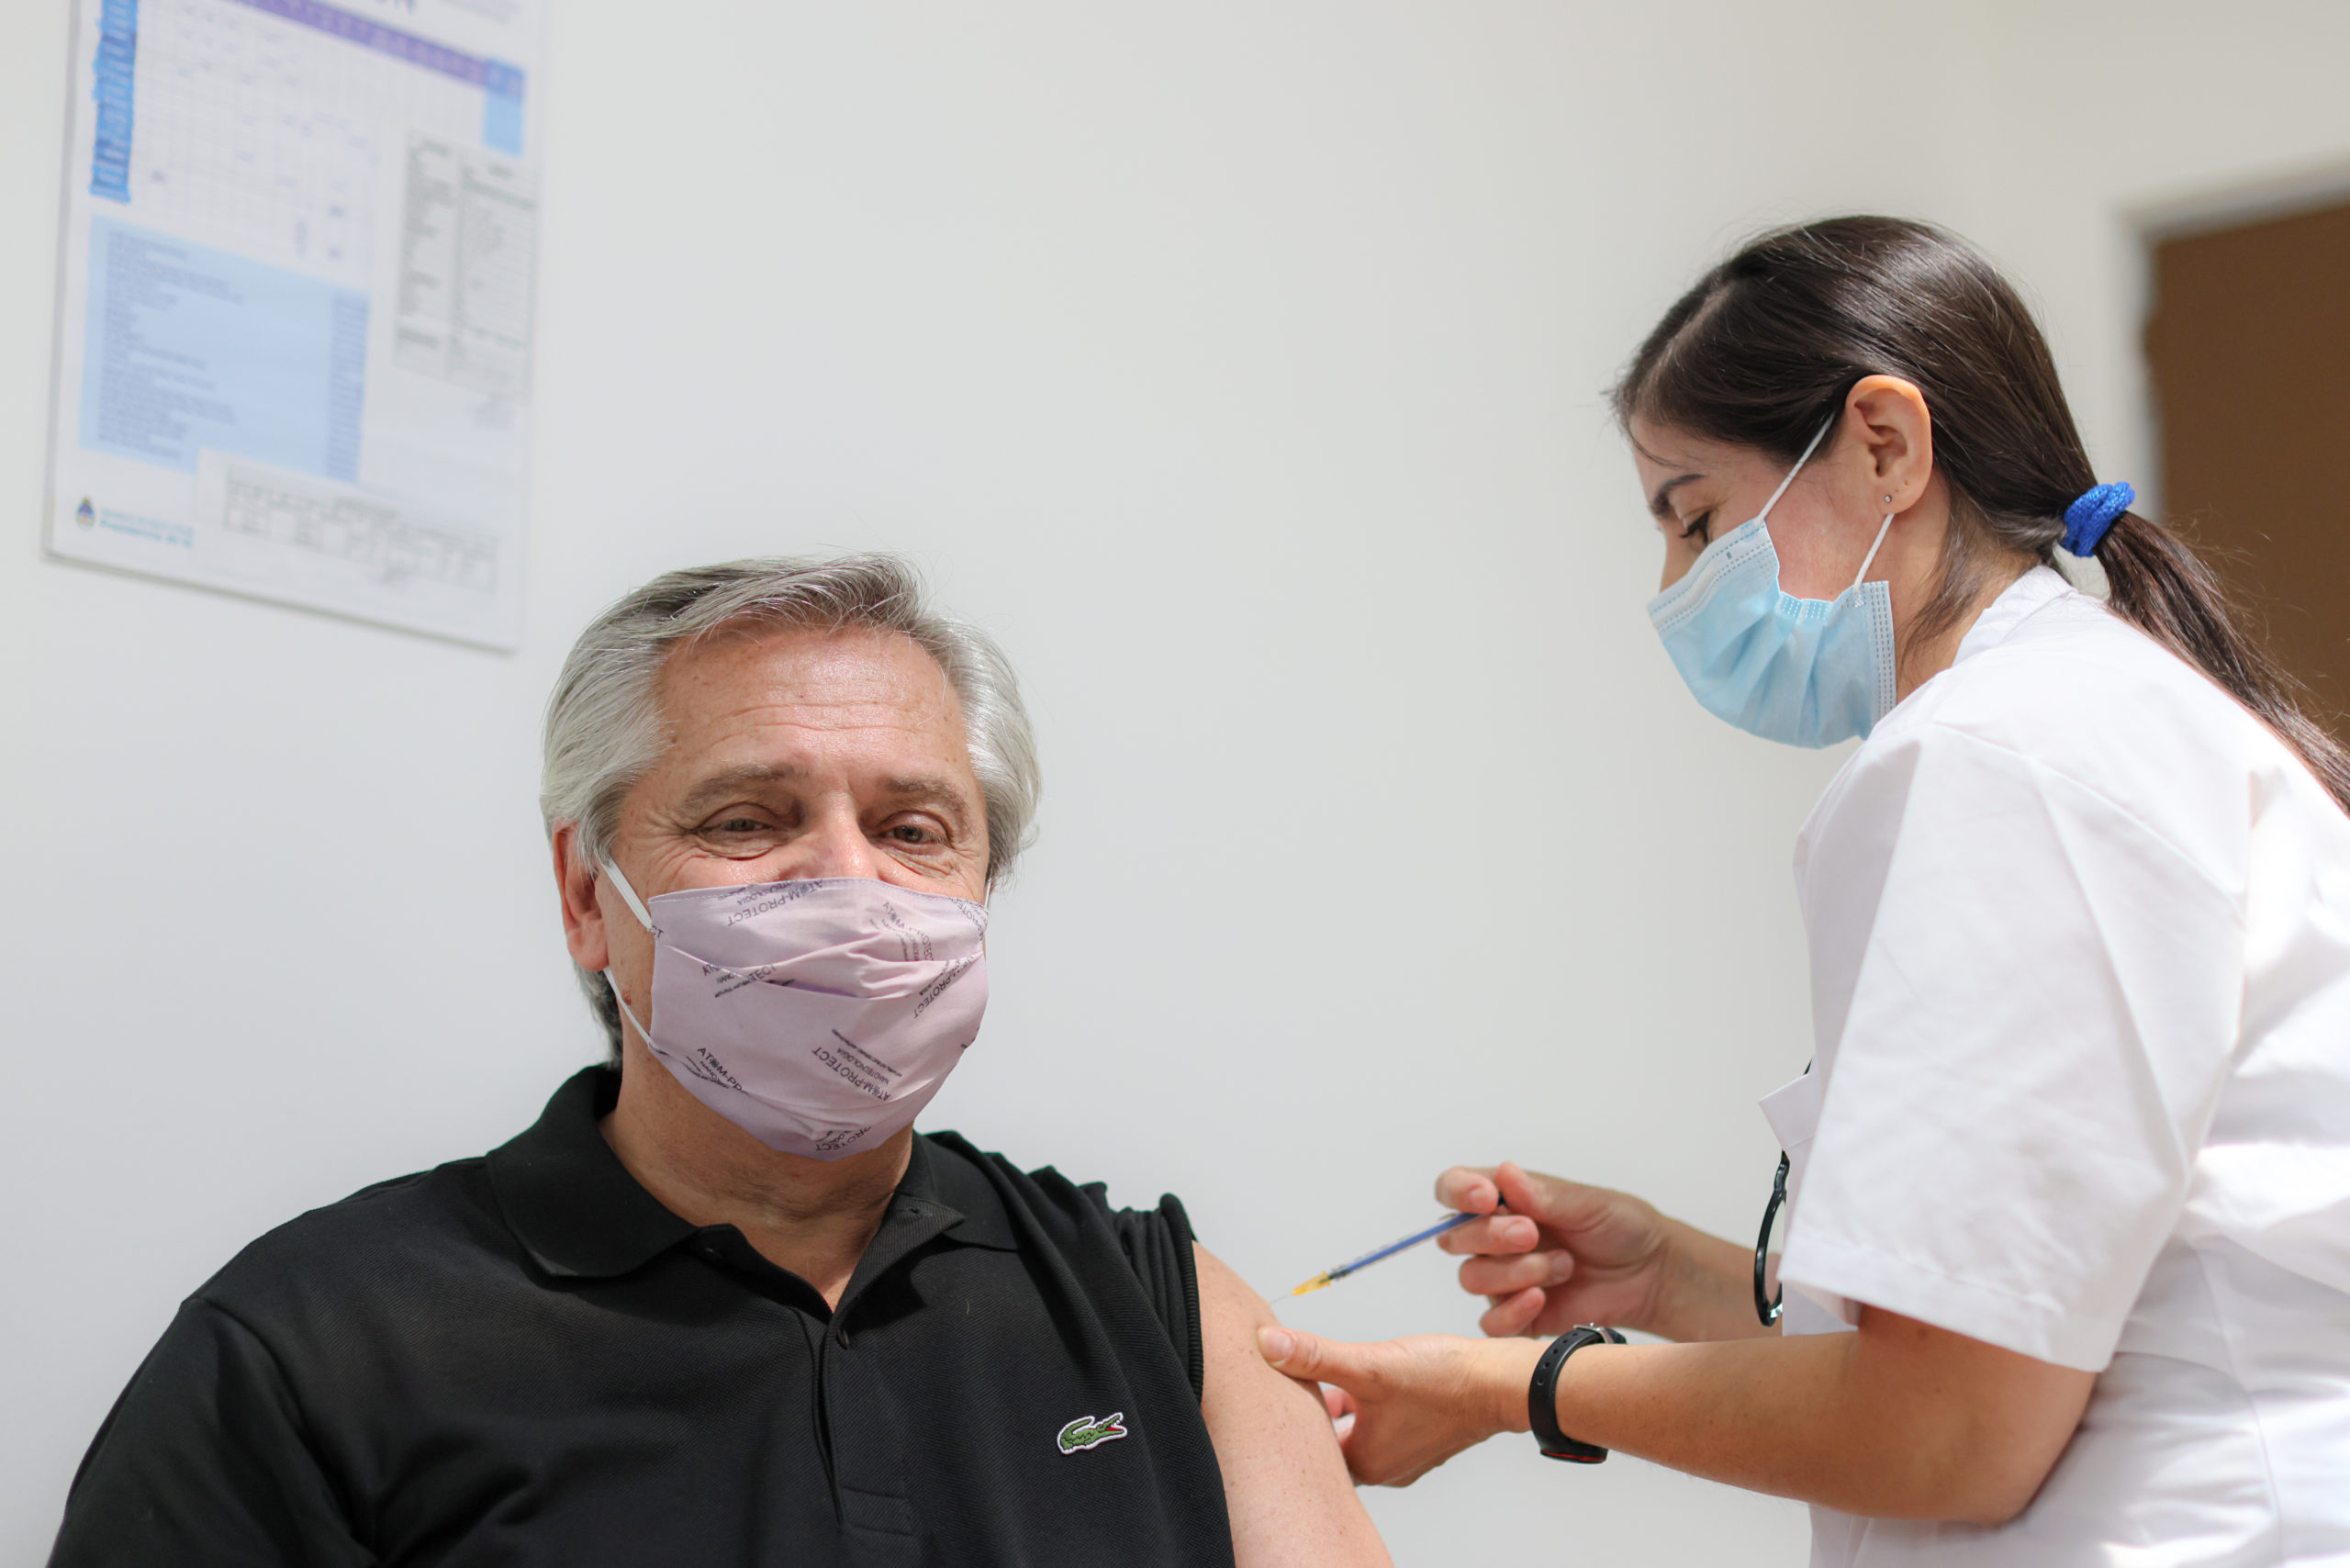 El presidente Alberto Fernández recibió la primera dosis de la vacuna Sputnik V